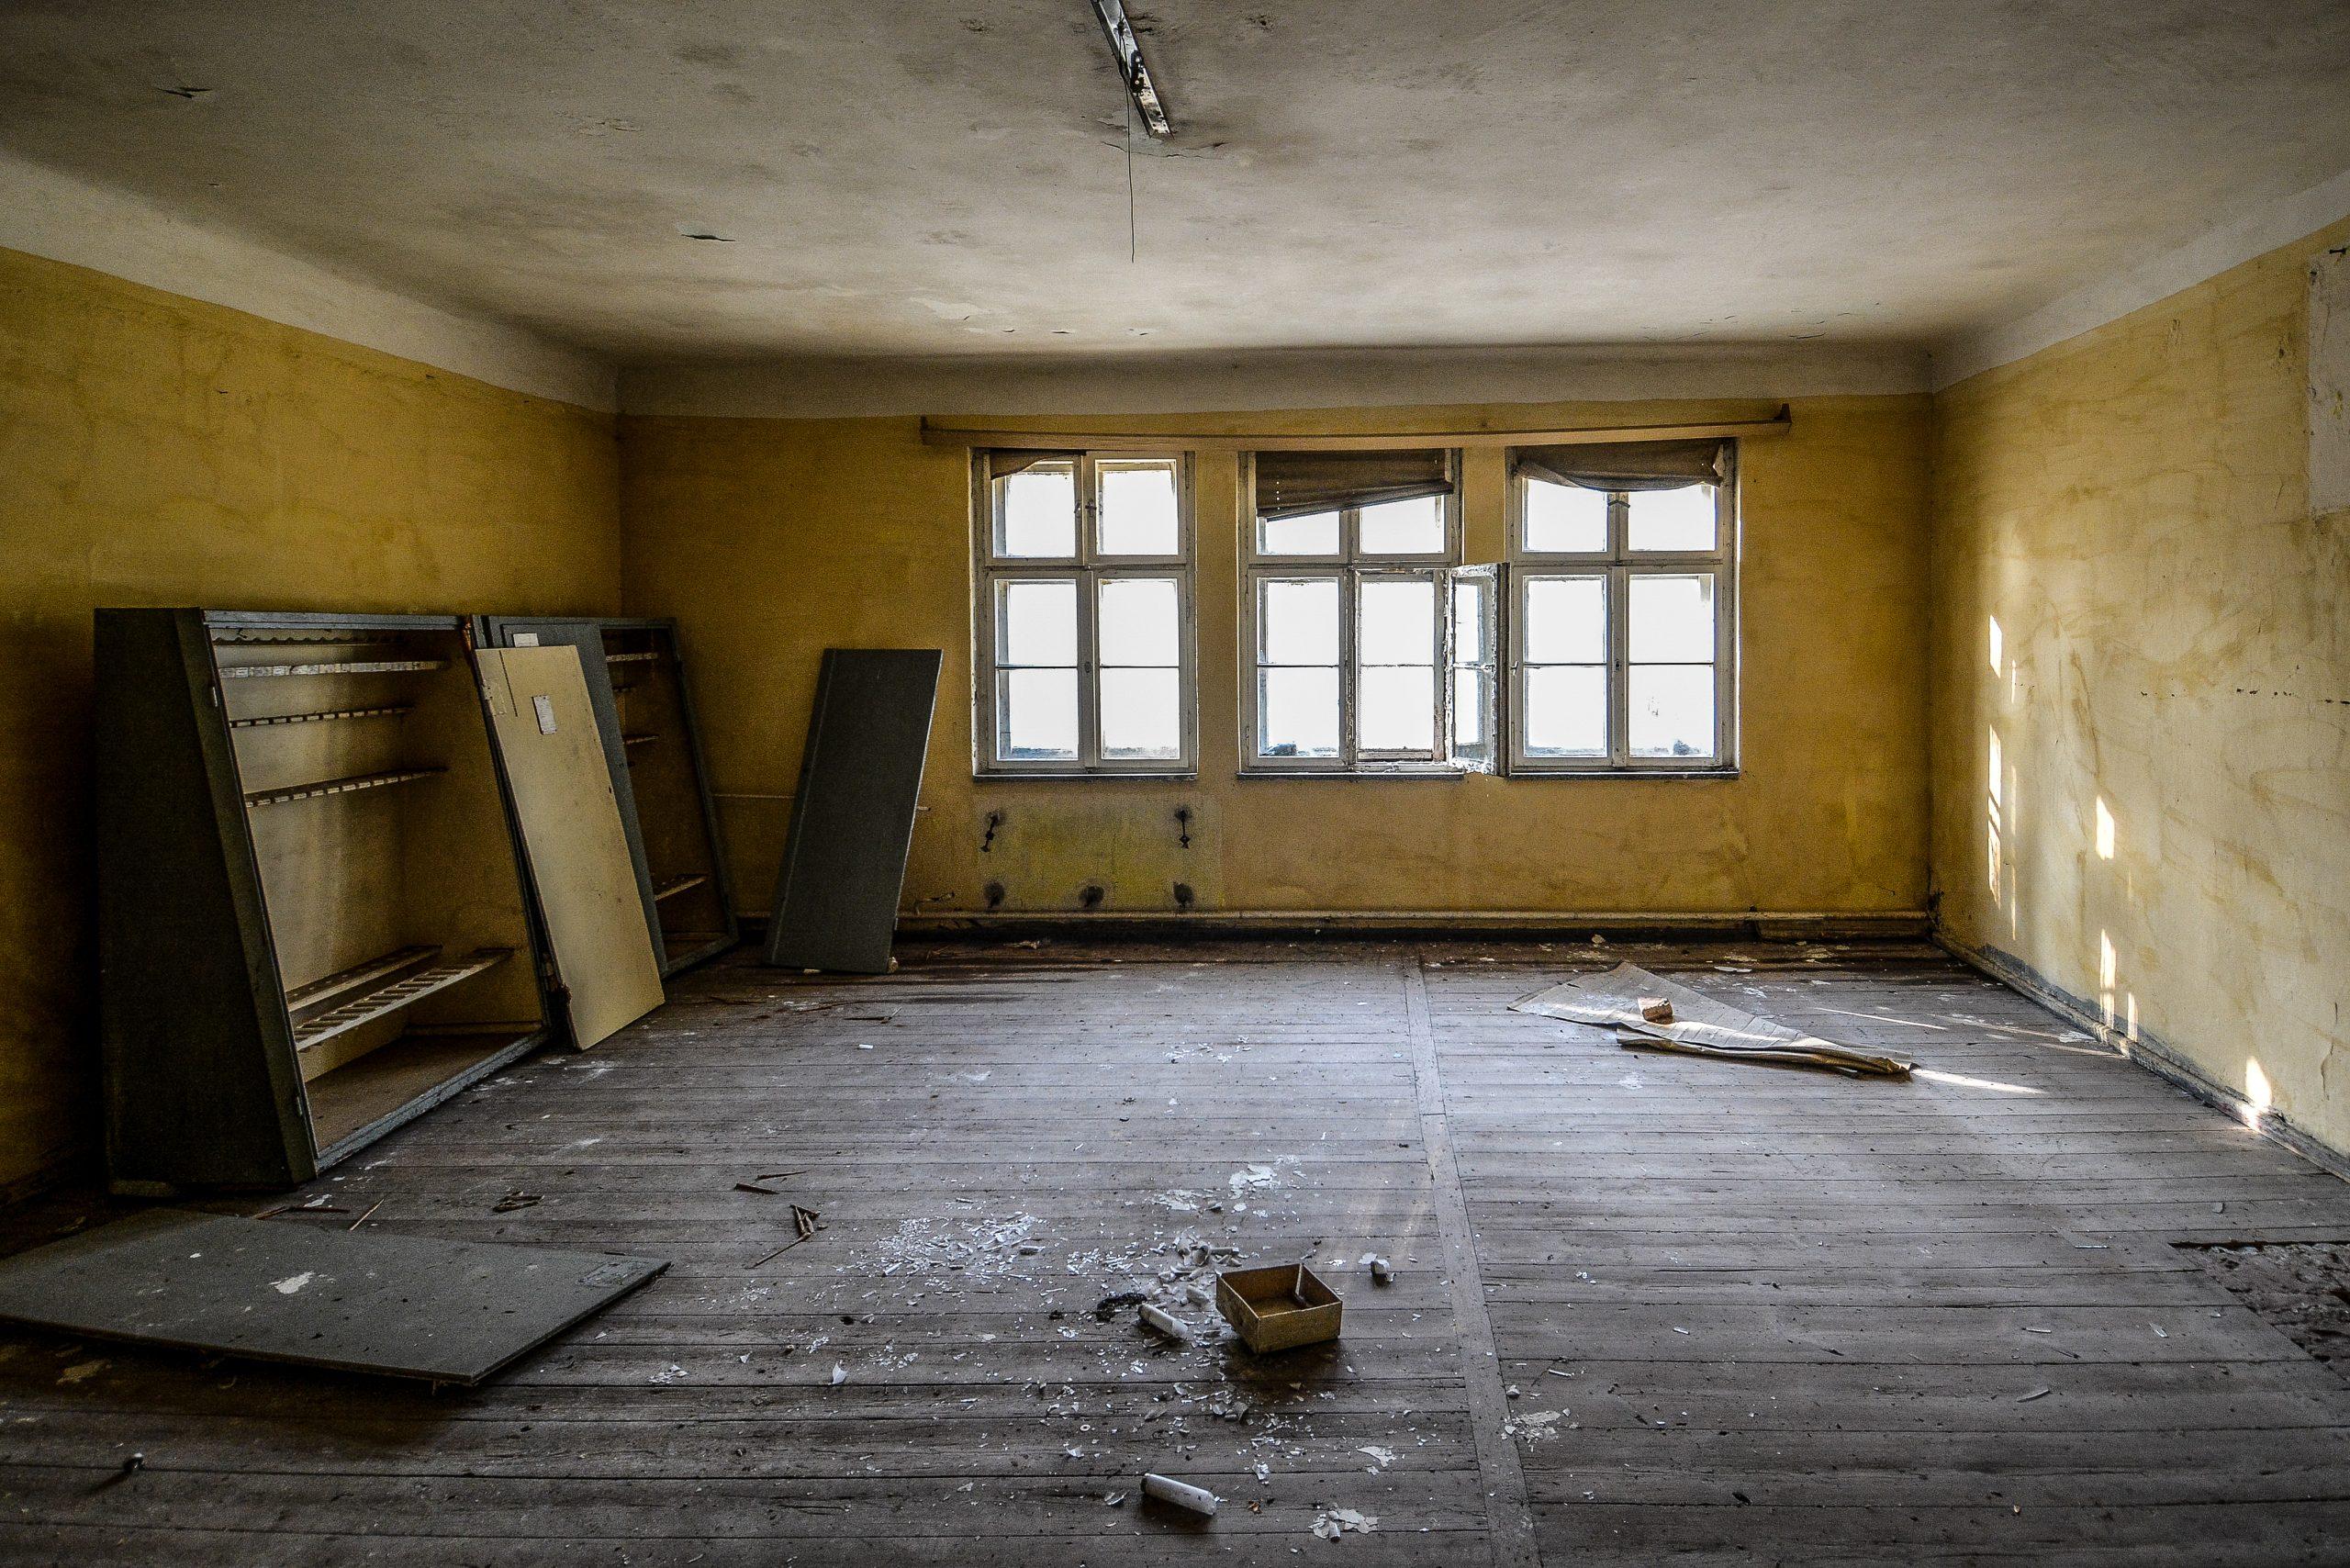 empty soviet weapons storage forst zinna adolf hitler lager luckenwalde juterbog sowjet kaserne soviet military barracks germany lost places urbex abandoned